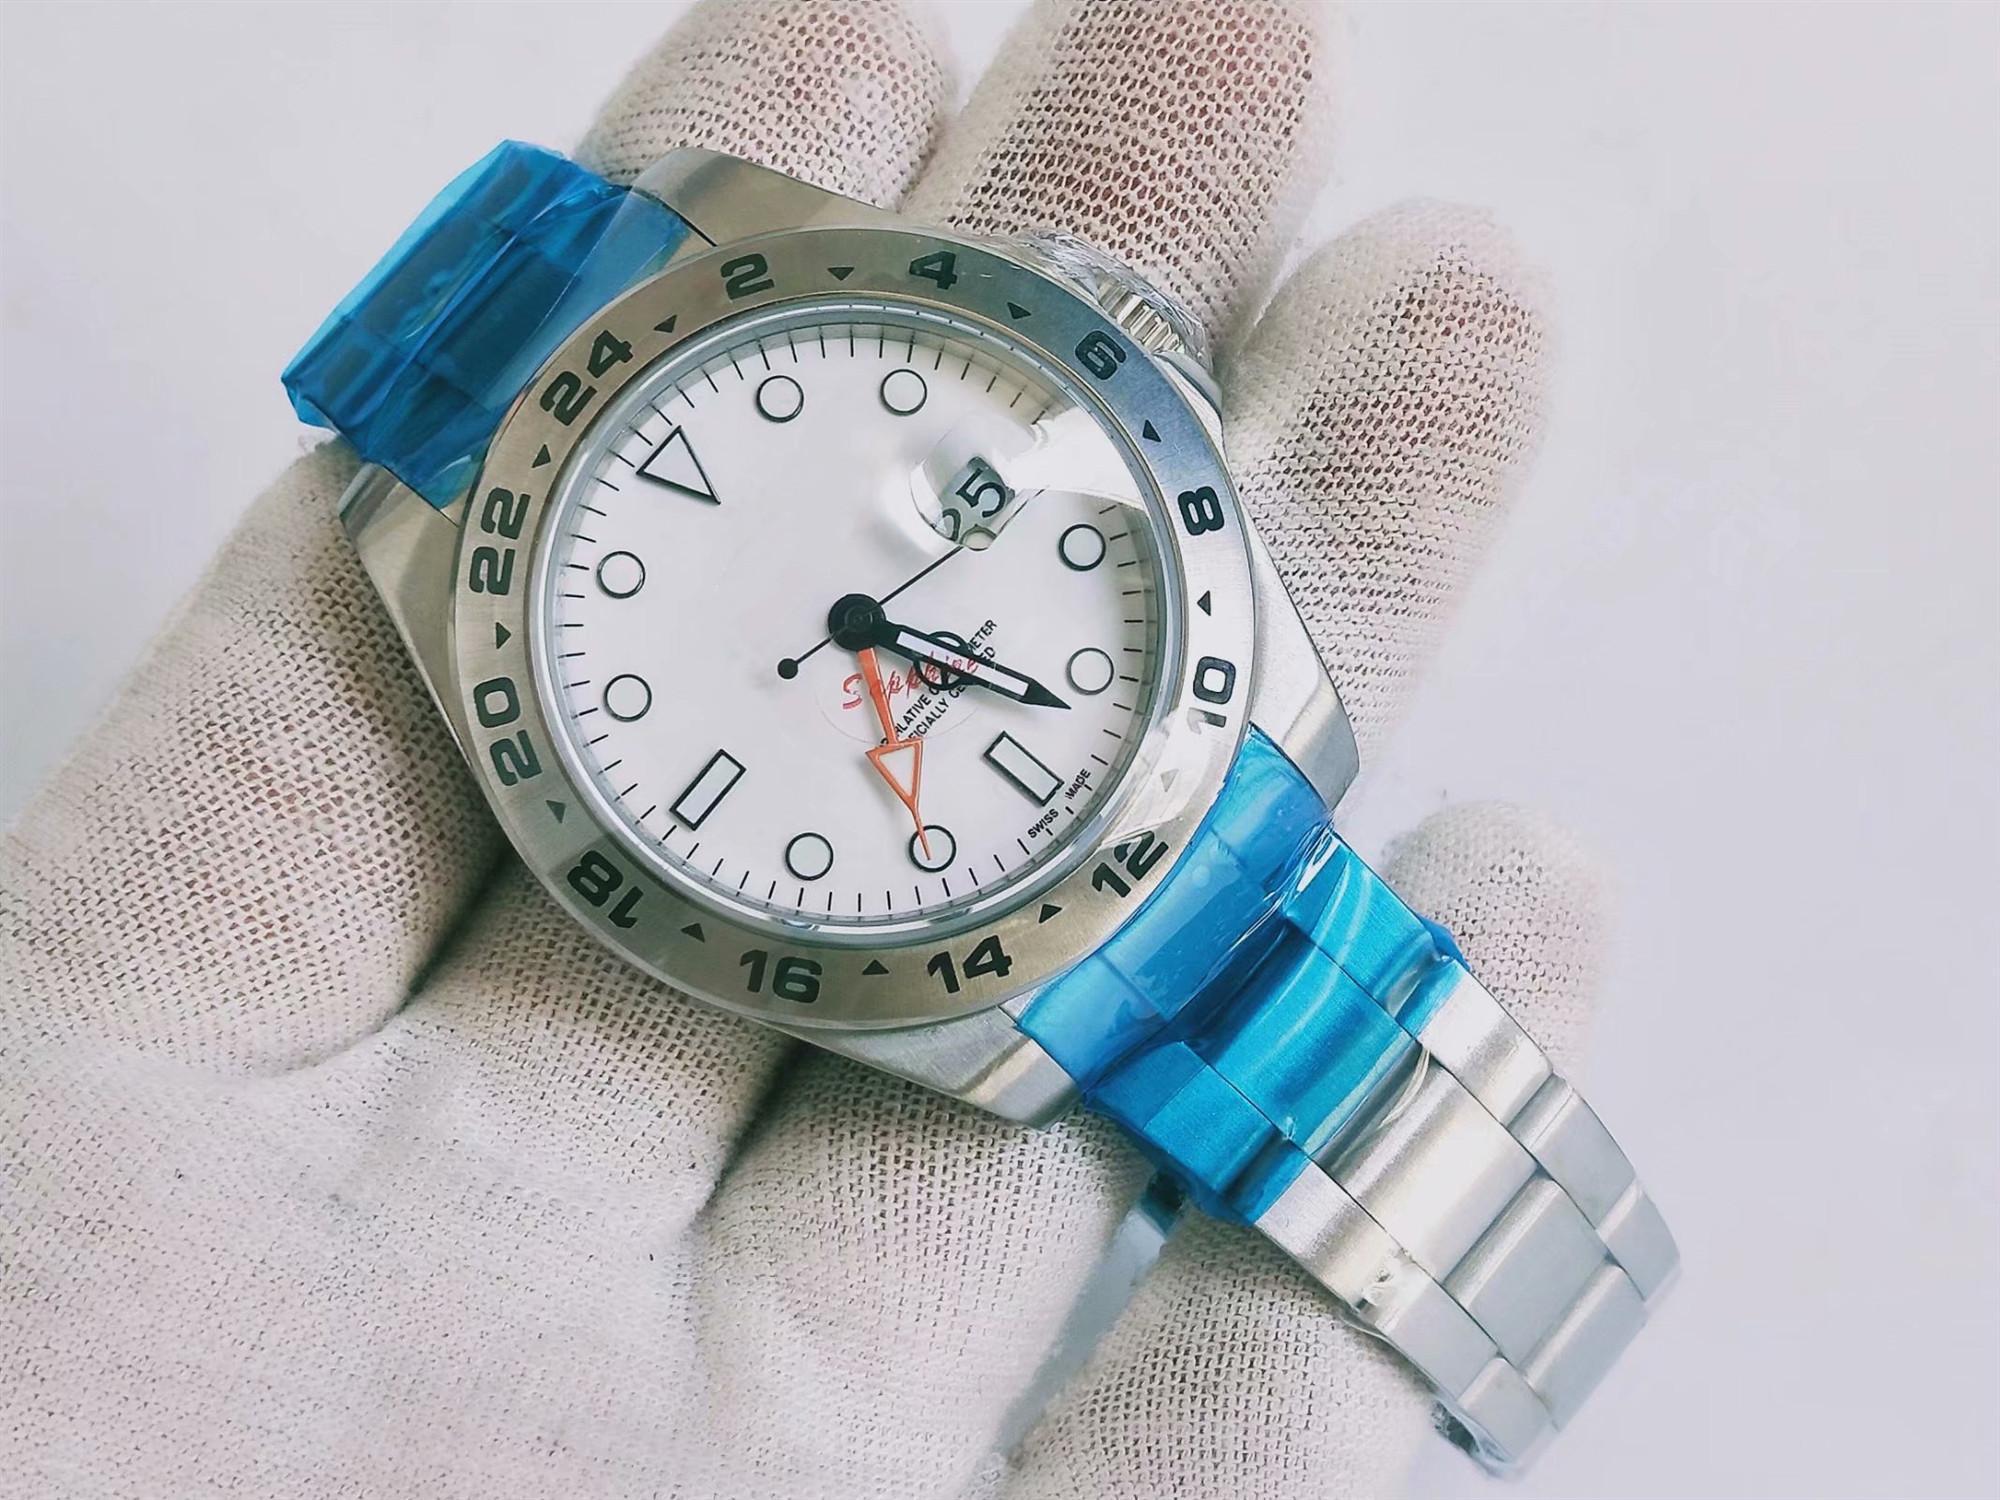 High Quality Mens della vigilanza 42 millimetri in acciaio inossidabile classico quadrante bianco Mens Watch Watches Explorer II 216570 Asia 2813 Movimento automatico